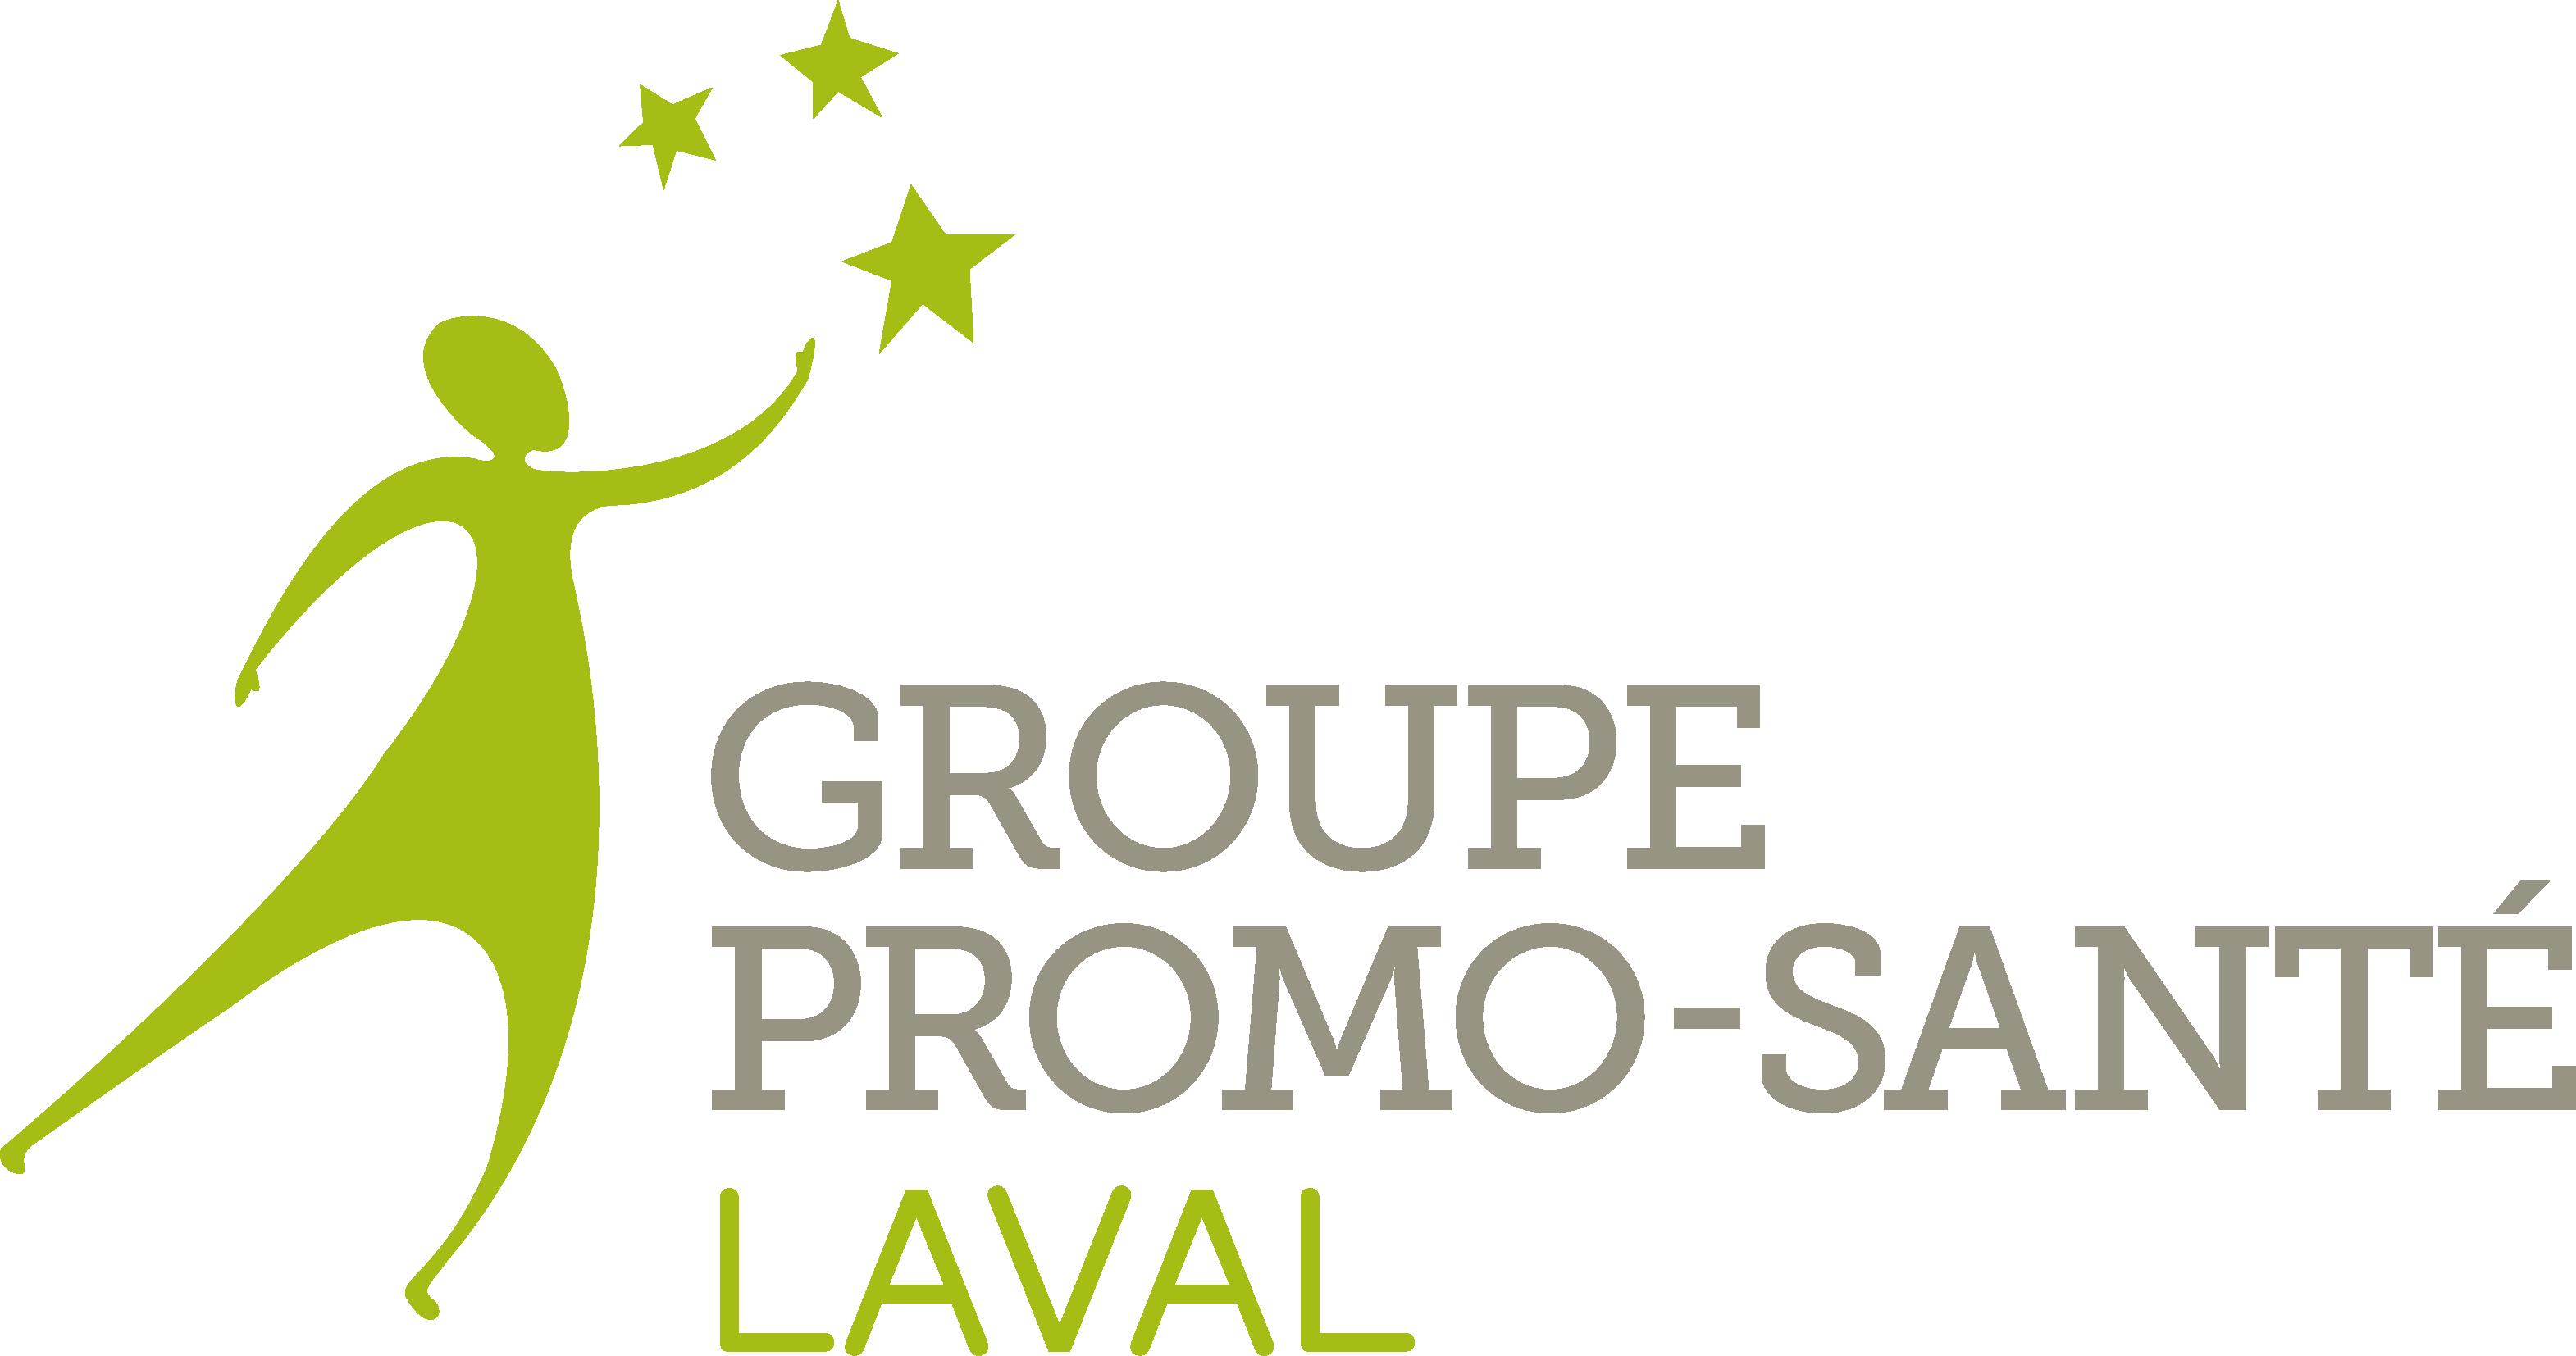 promo-sante-logo-vectoriel-2019-08-21-YuZrNSEaFPwSMpe2QLizypQ4